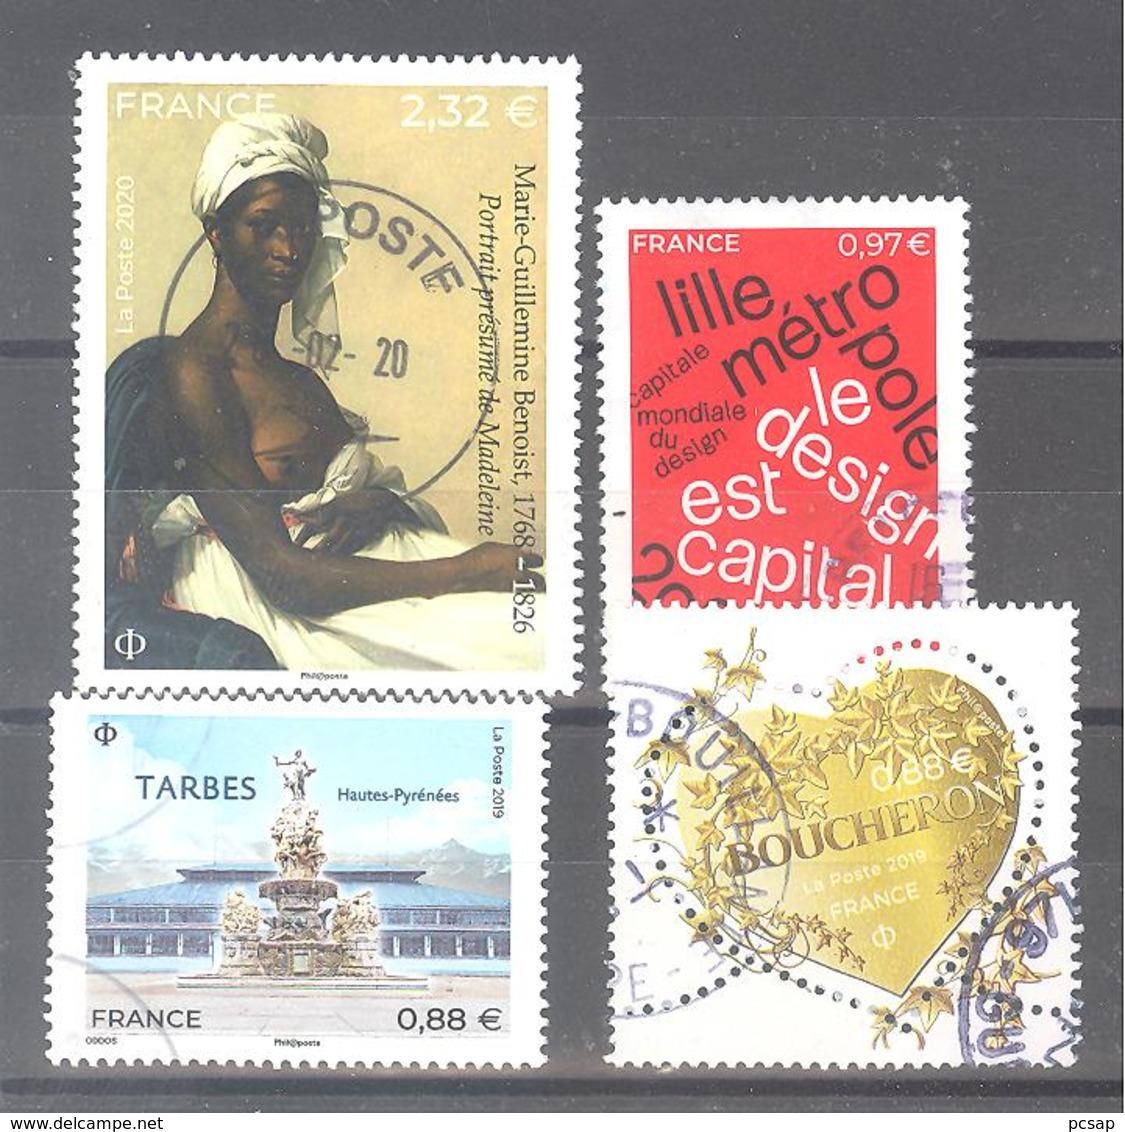 France Oblitérés : Marie Guillemine Benoist - Lille - N° 5292 & 5335 (cachet Rond) - Francia